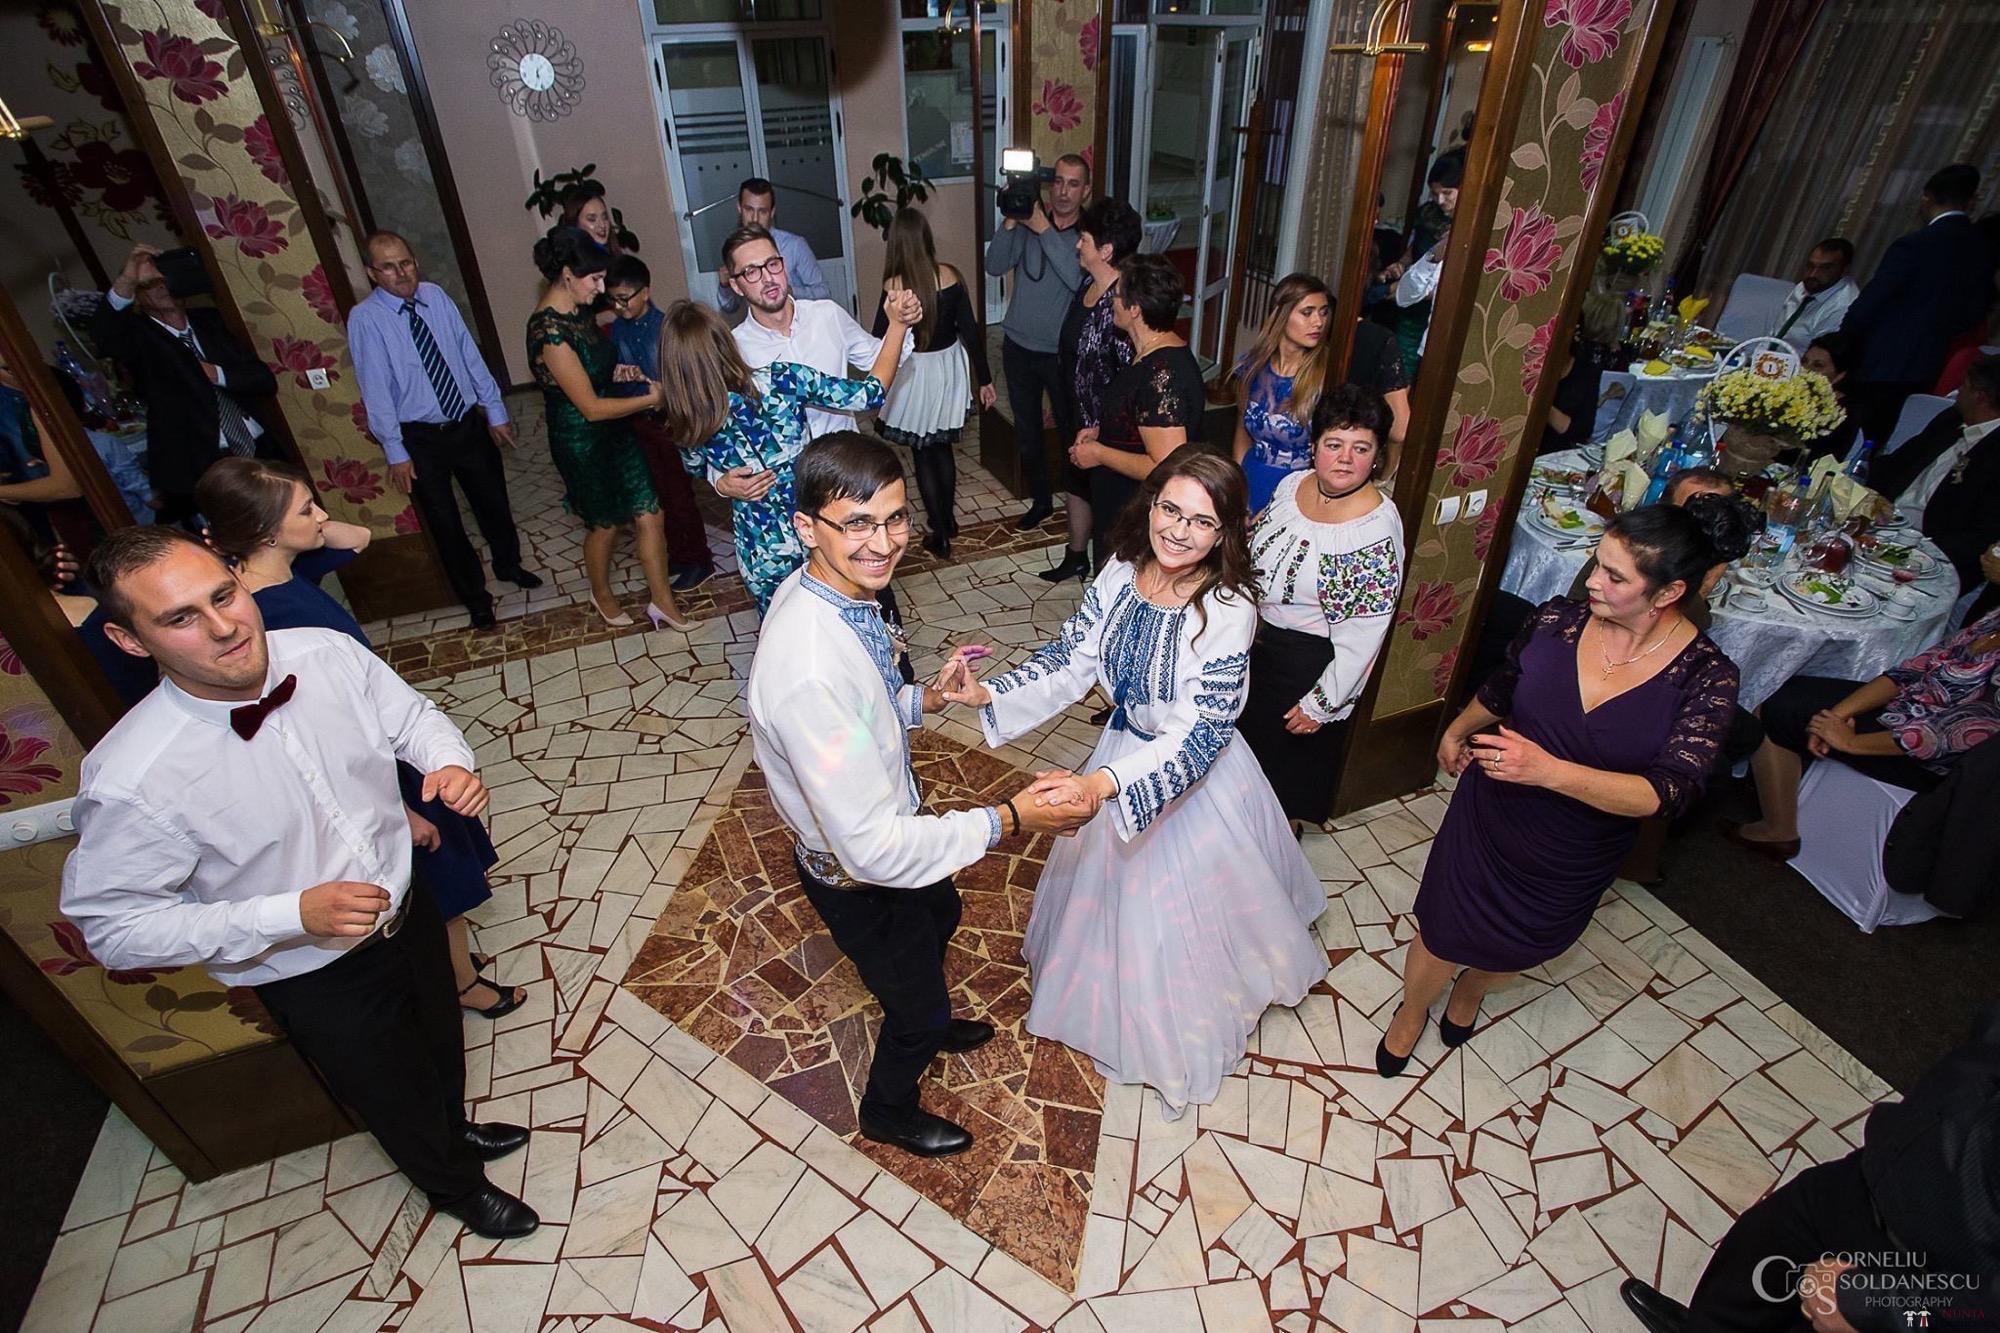 Povești Nunți Tradiționale - Ioana-Alexandra și Bogdan-Vasile. Nuntă tradițională în Fălticeni 35